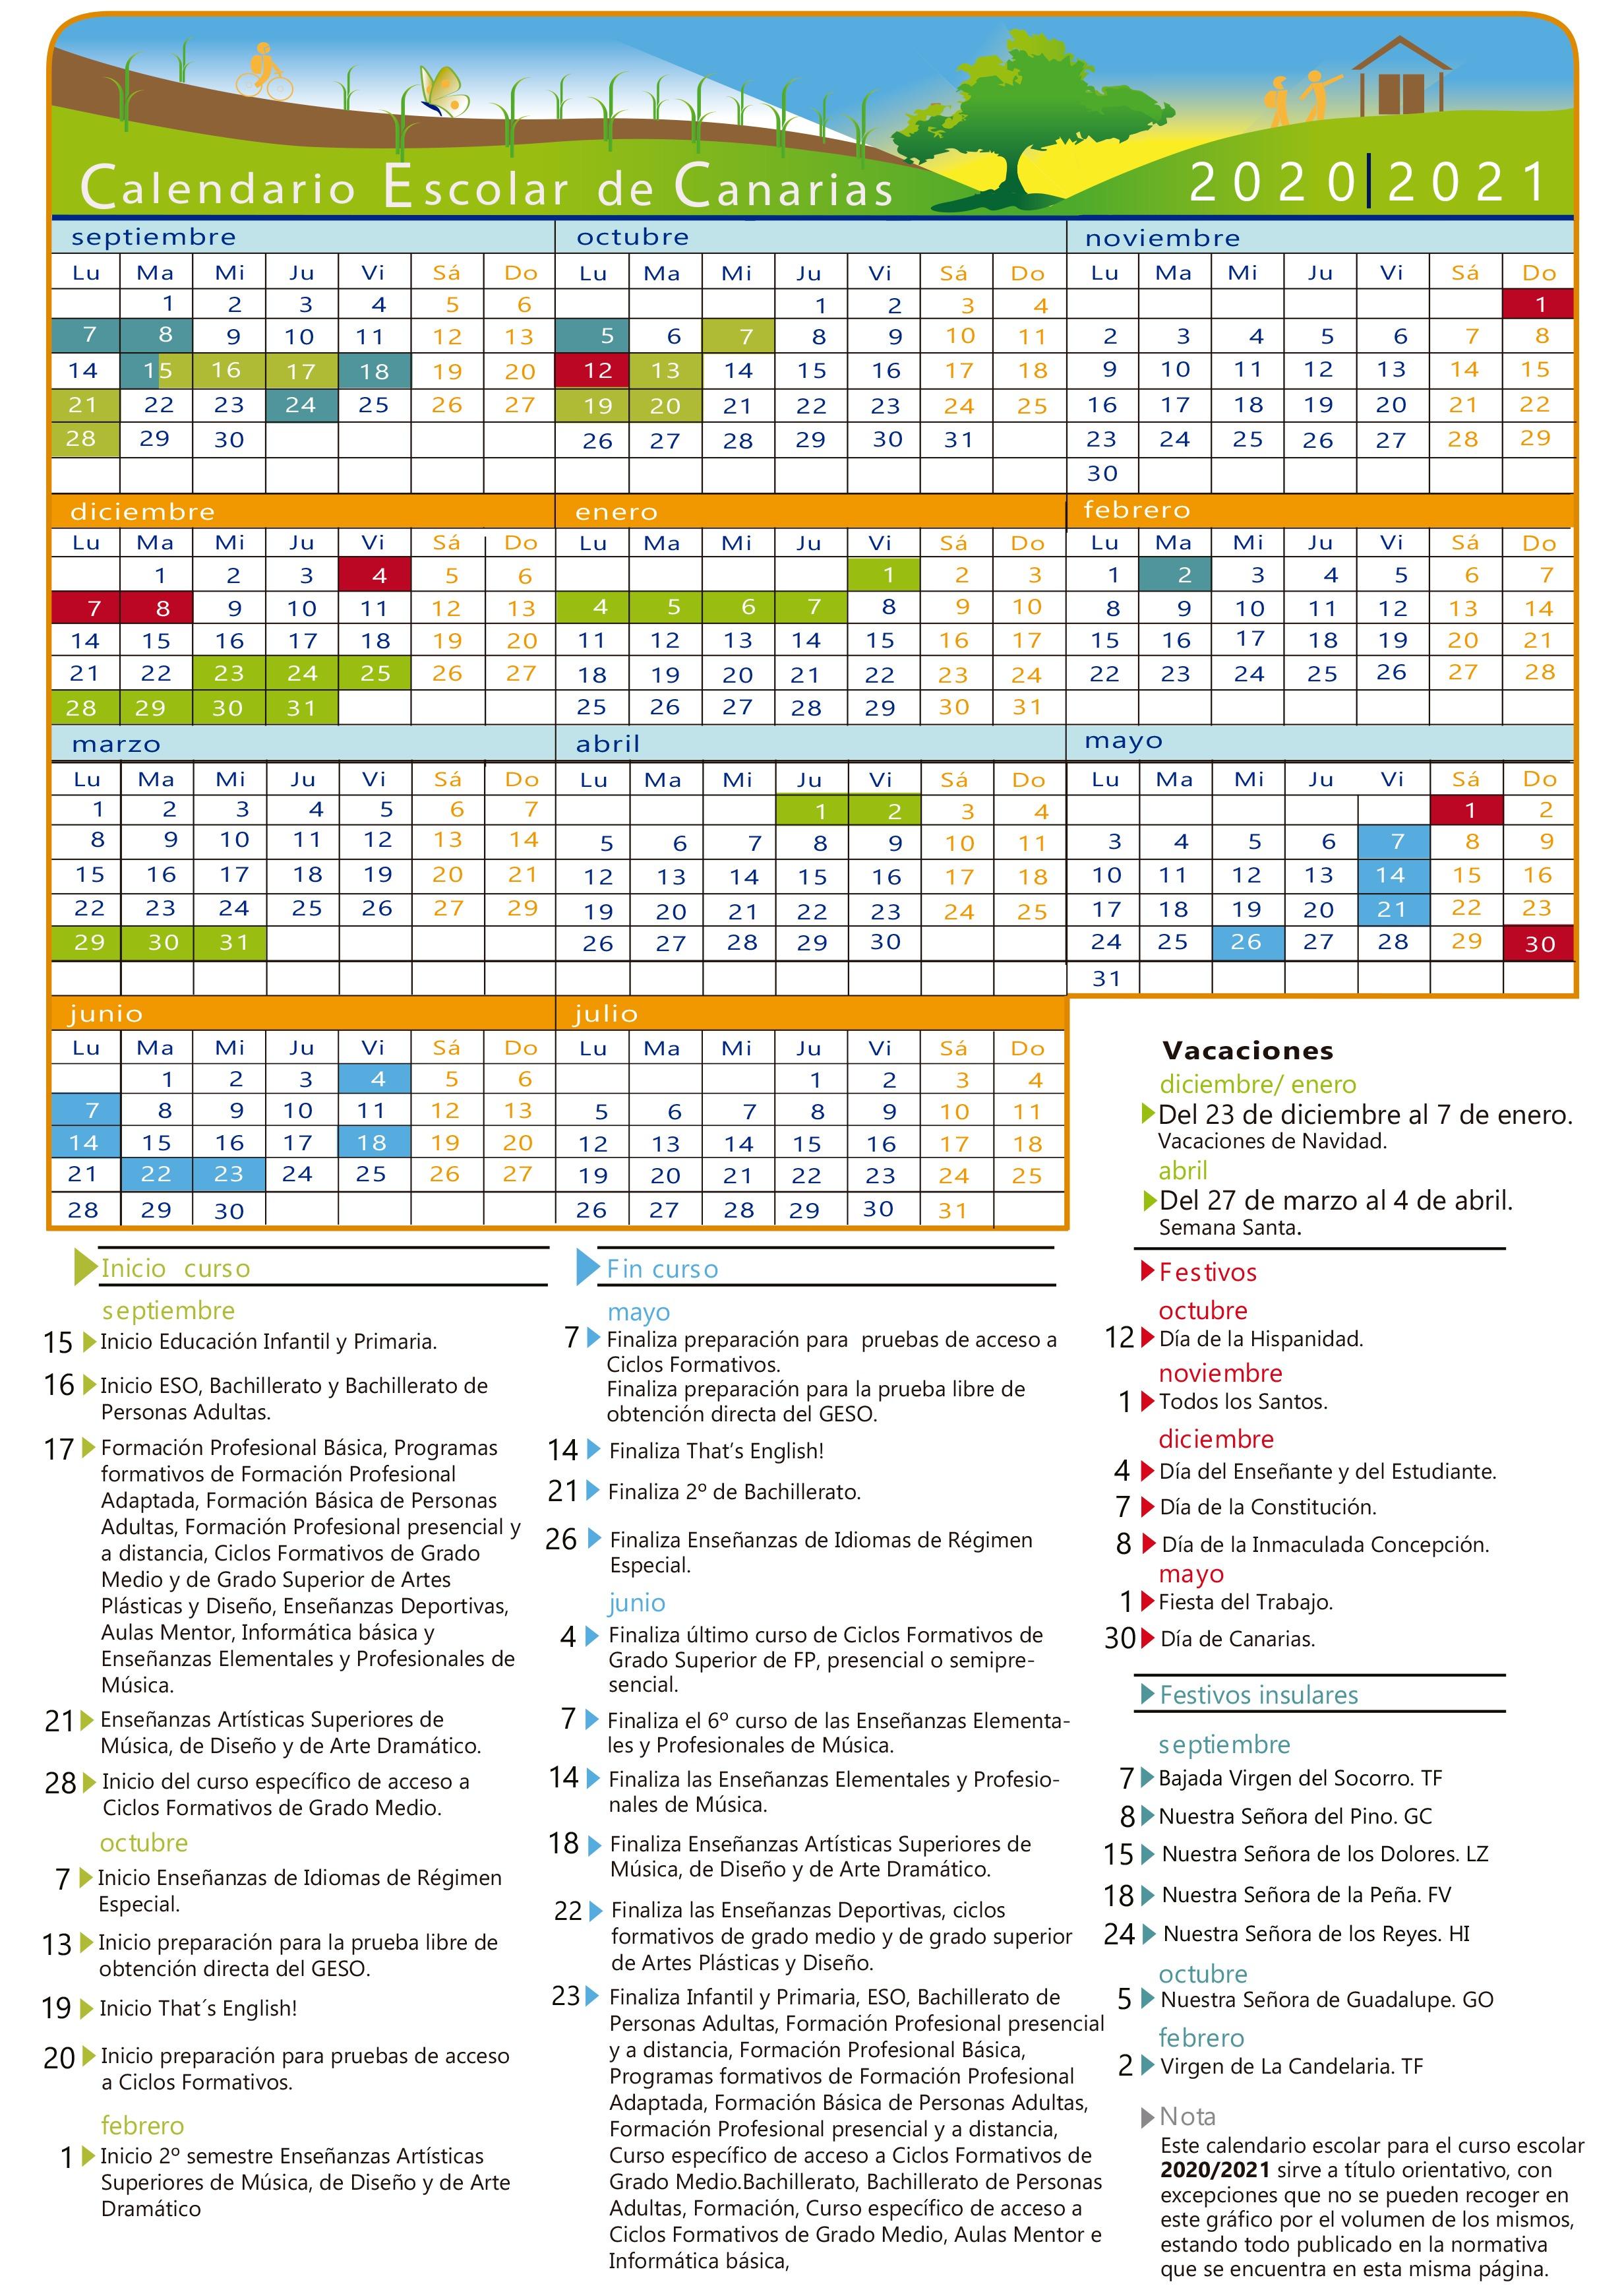 Calendario Escolar 2020-2021